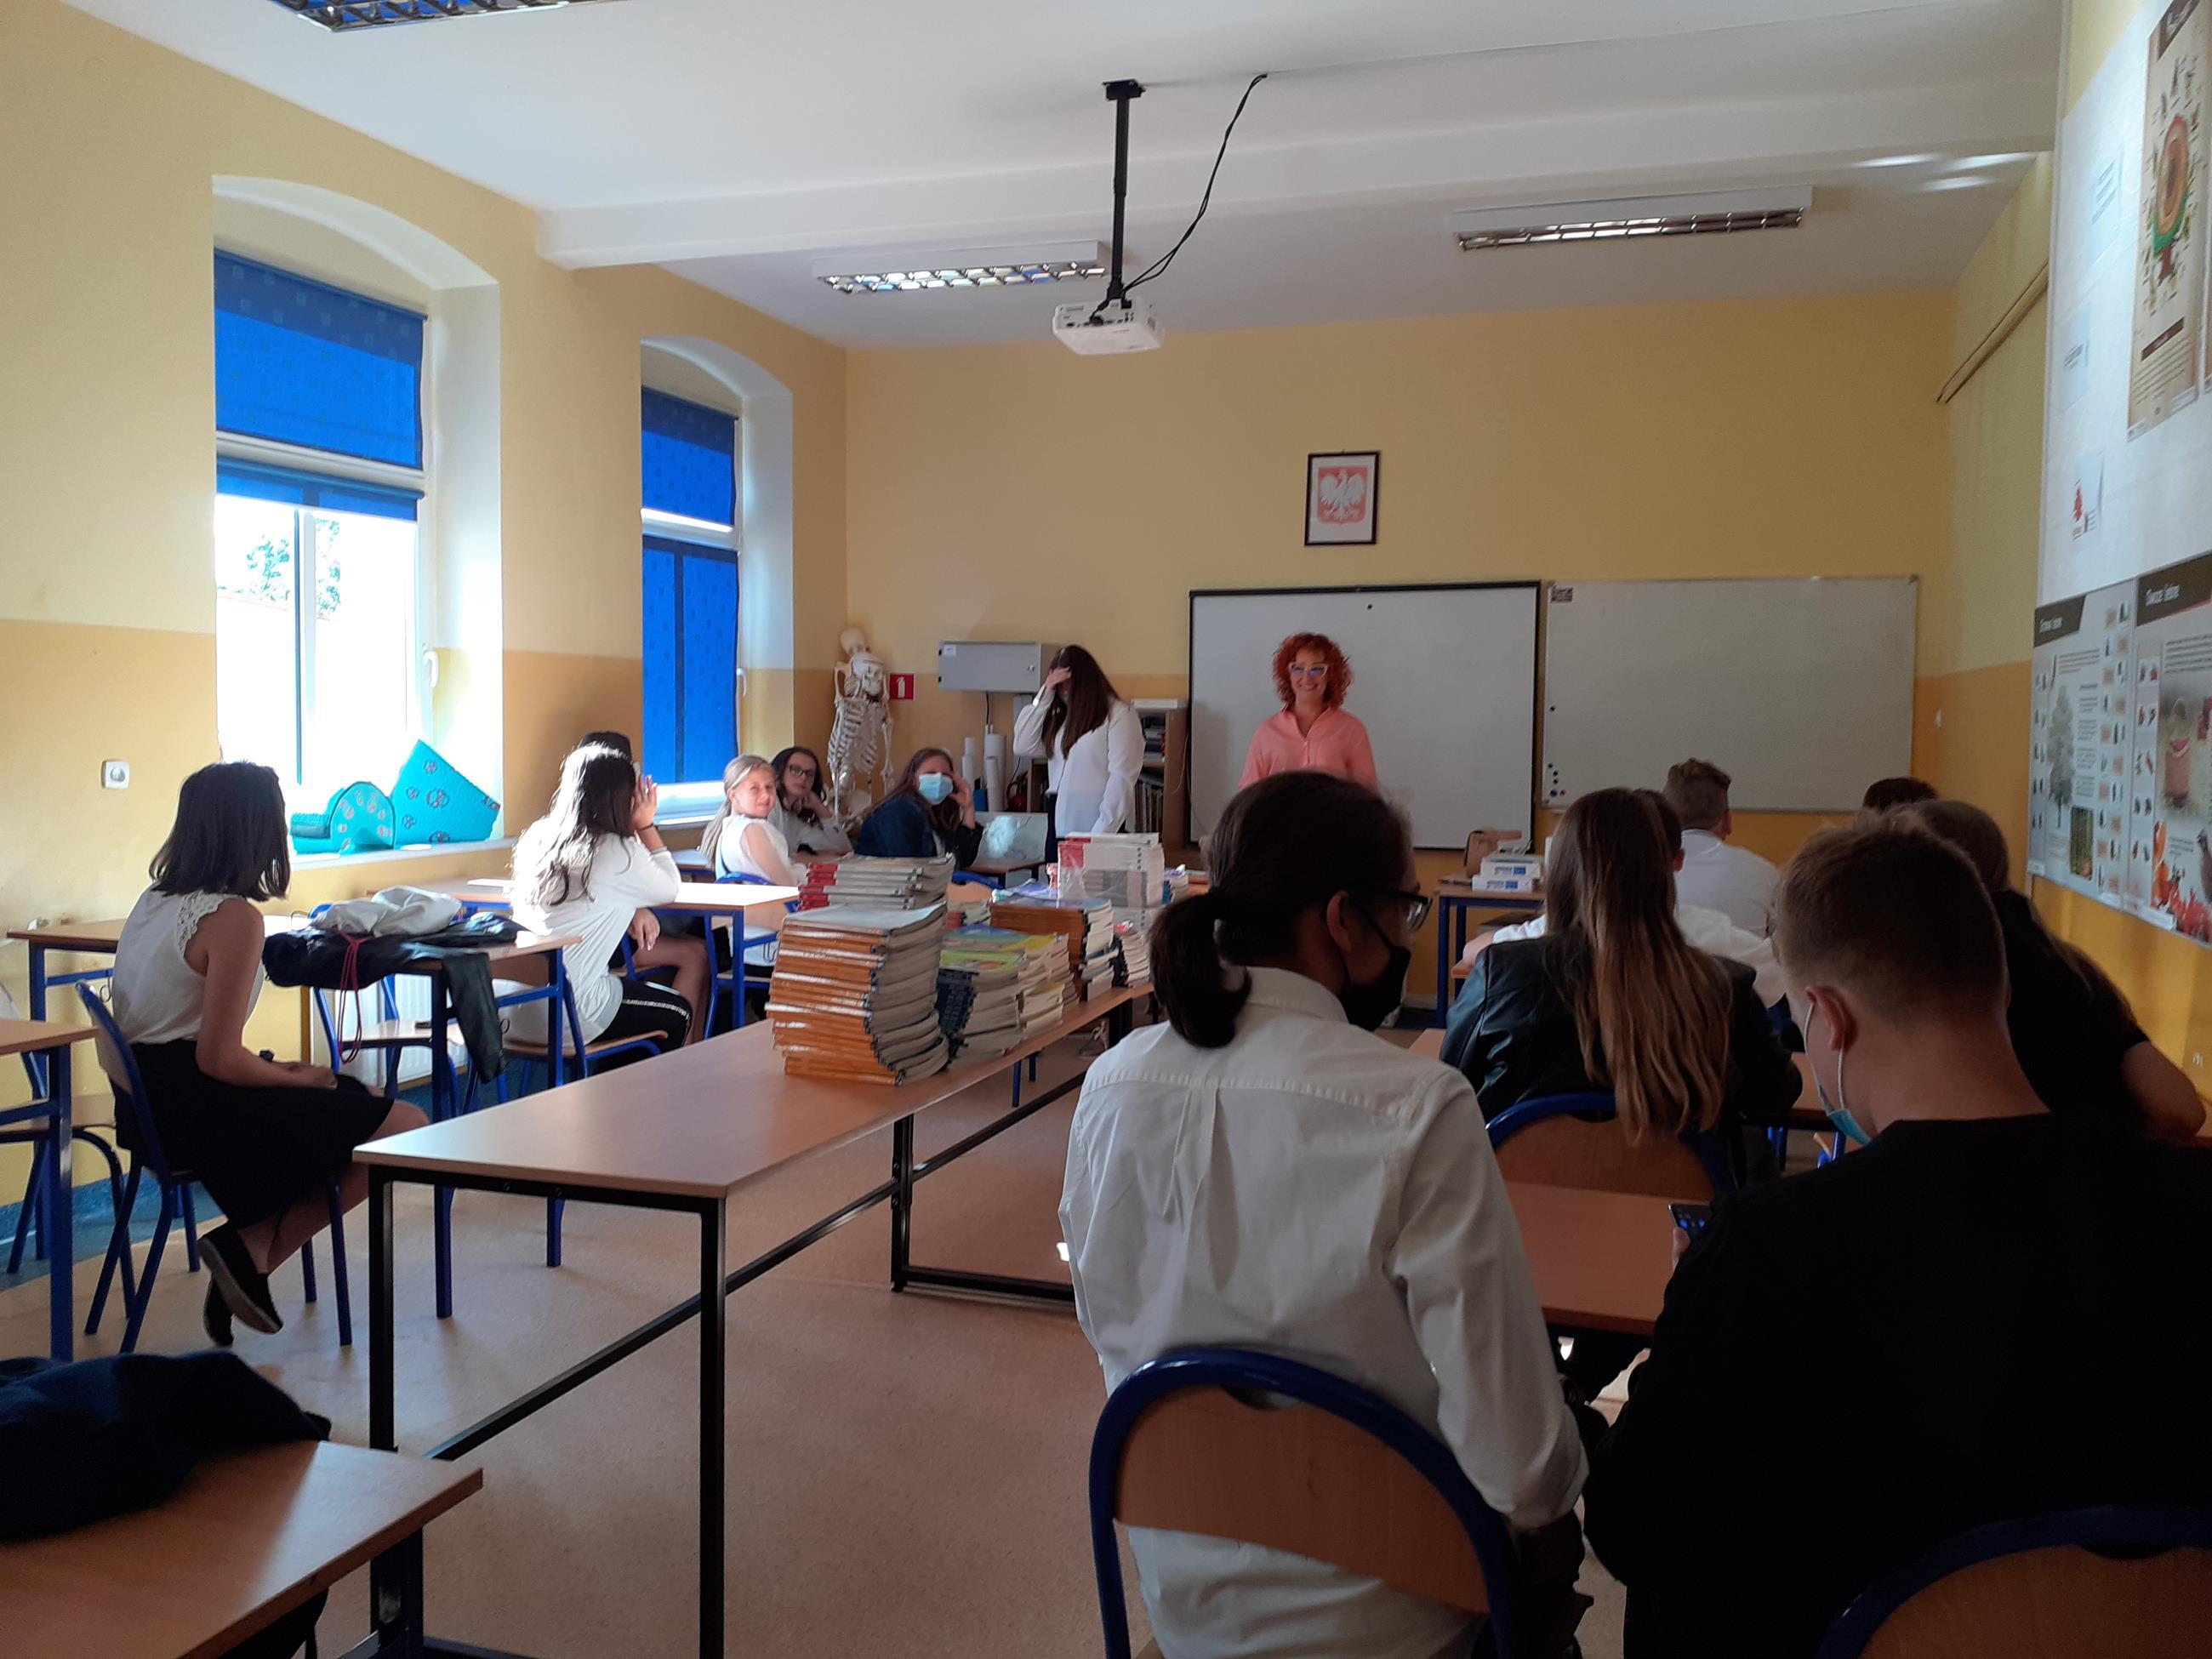 Zdjęcie przedstawia uczniów klasy VII wraz zwychowawcą